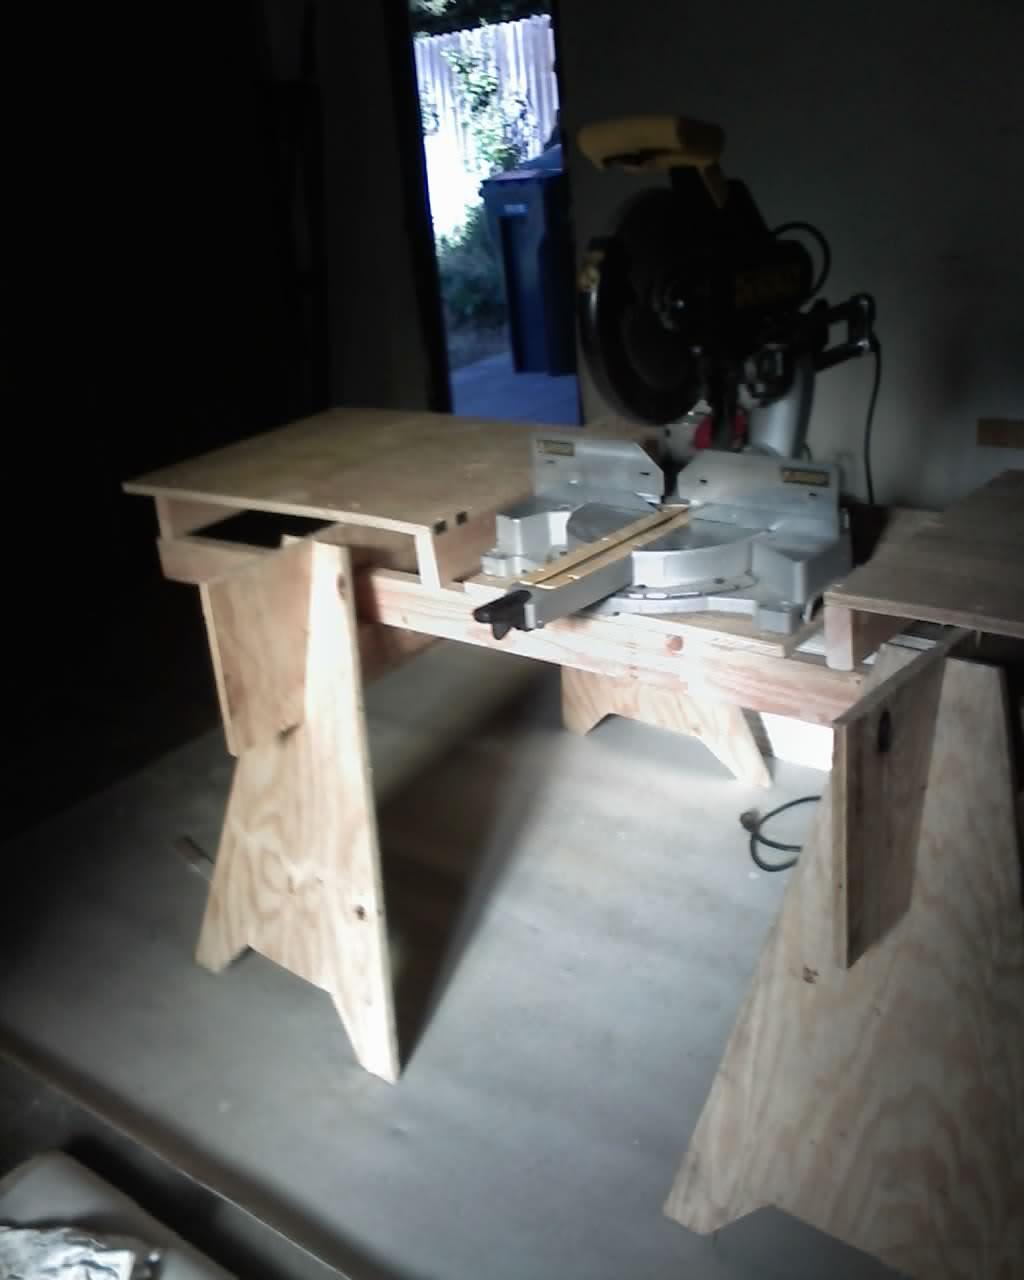 miter saw bench-09-21-09_1707.jpg